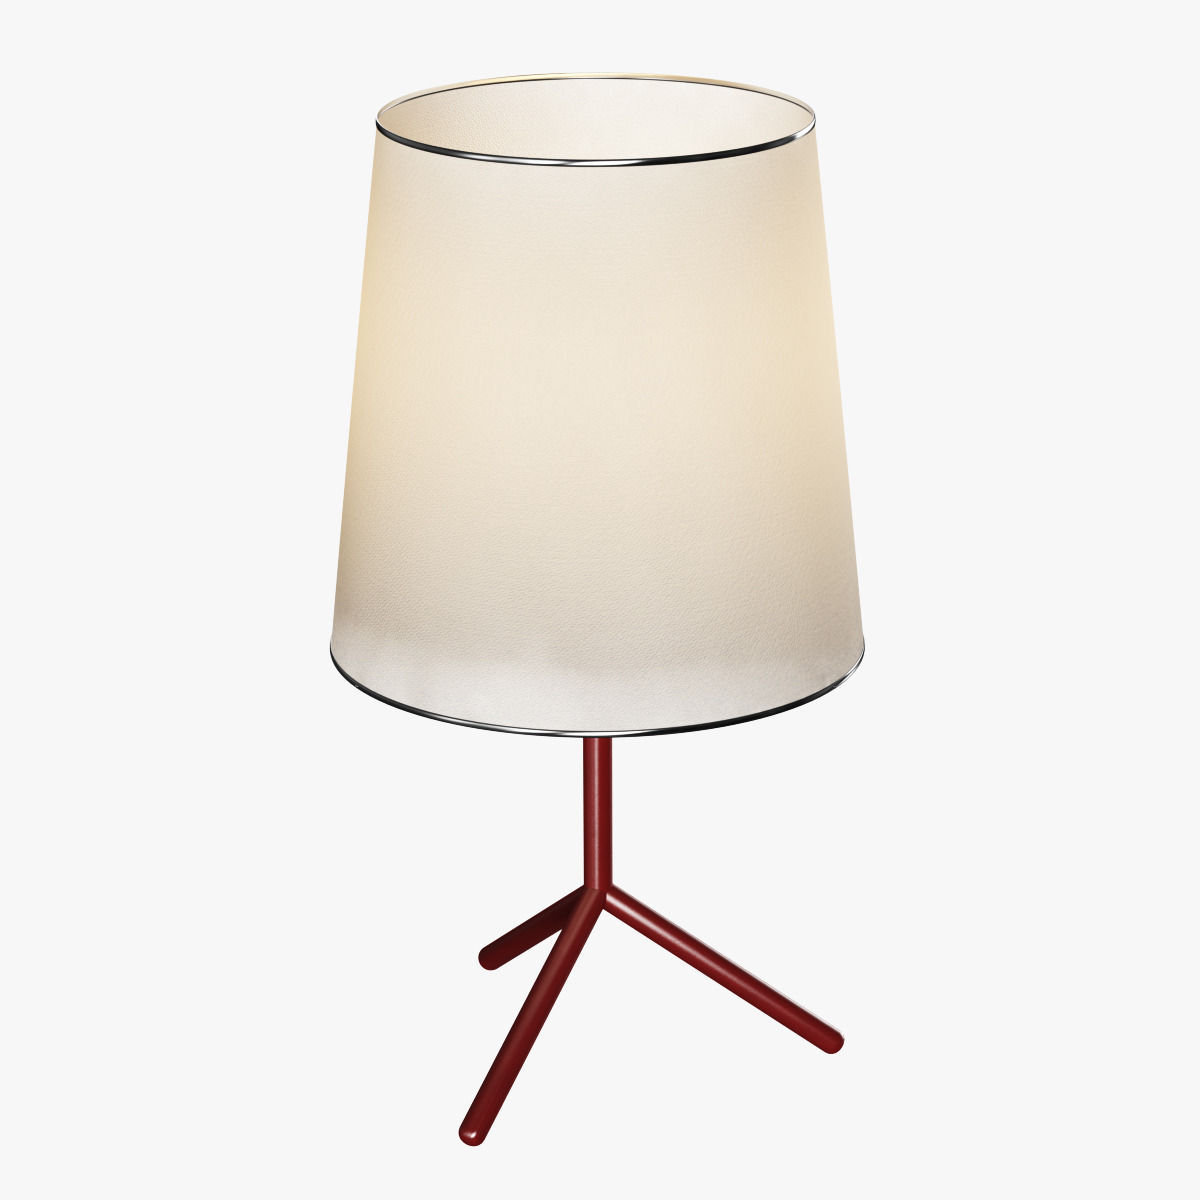 Big wave floor lamp 3d model max obj 3ds fbx cgtradercom for Floor lamp 3ds max free model